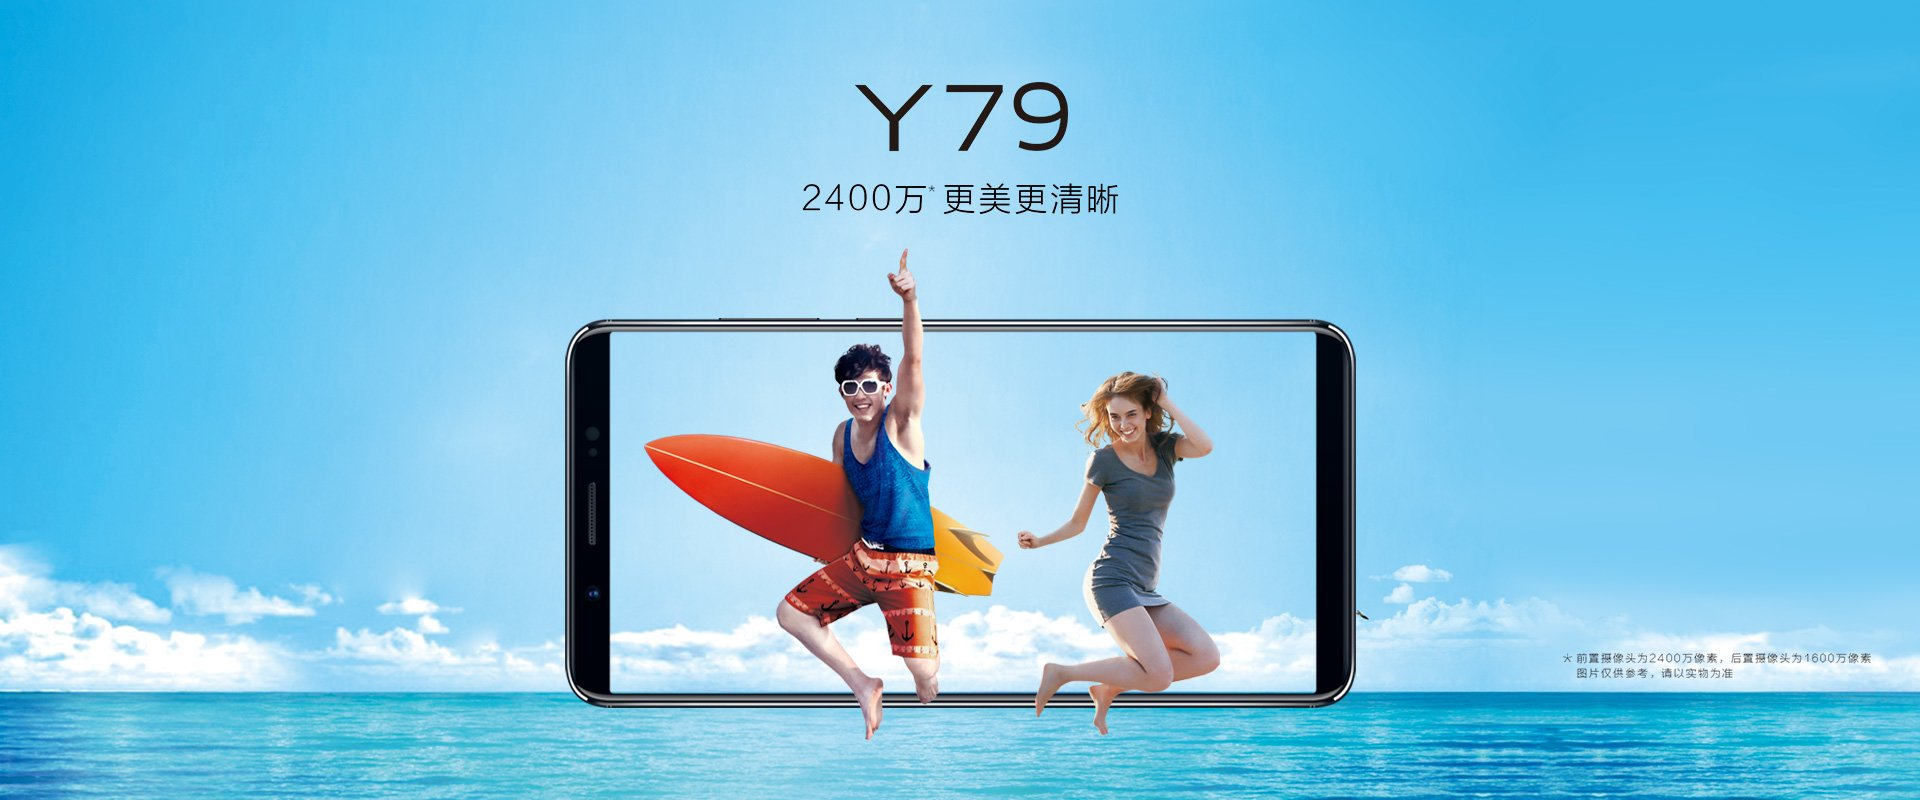 Tabletowo.pl Zadebiutował Vivo Y79 z kamerką 24 Mpix do selfie Android Nowości Smartfony Vivo